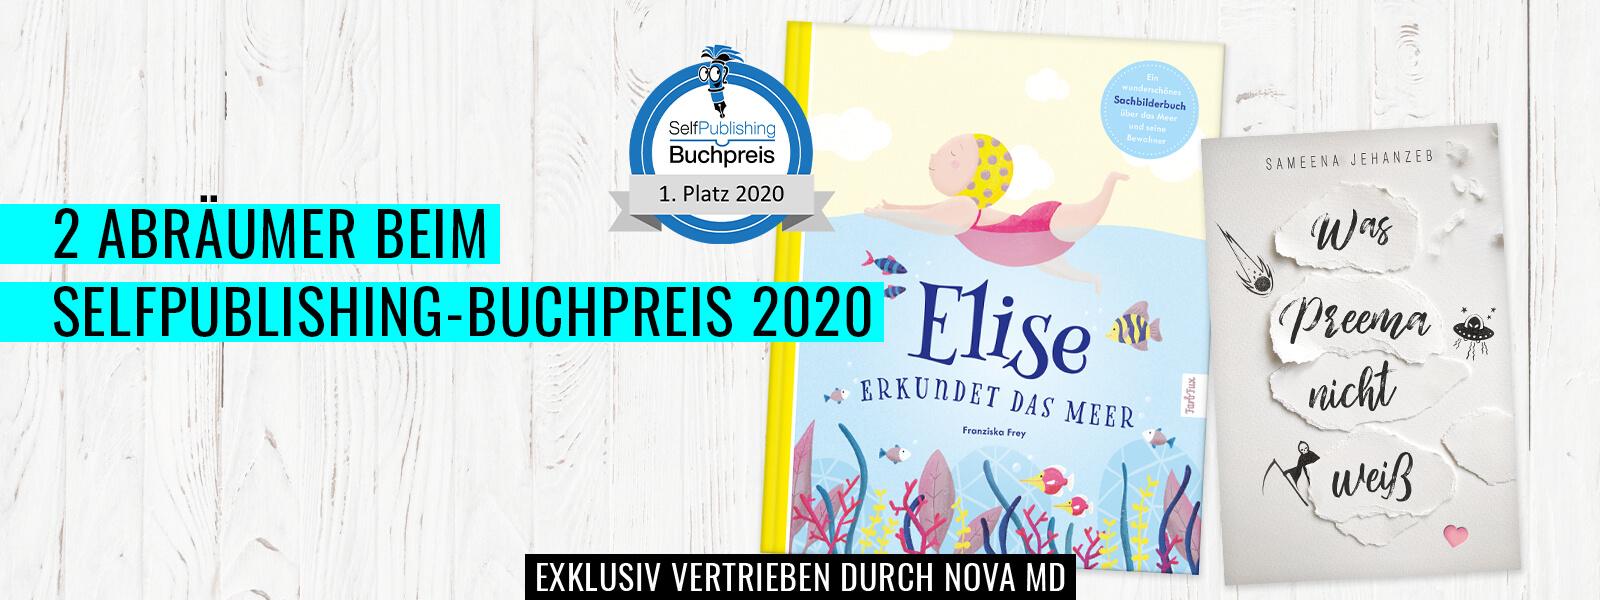 Gewinner des deutschen Selfpublishing-Buchpreis 2020